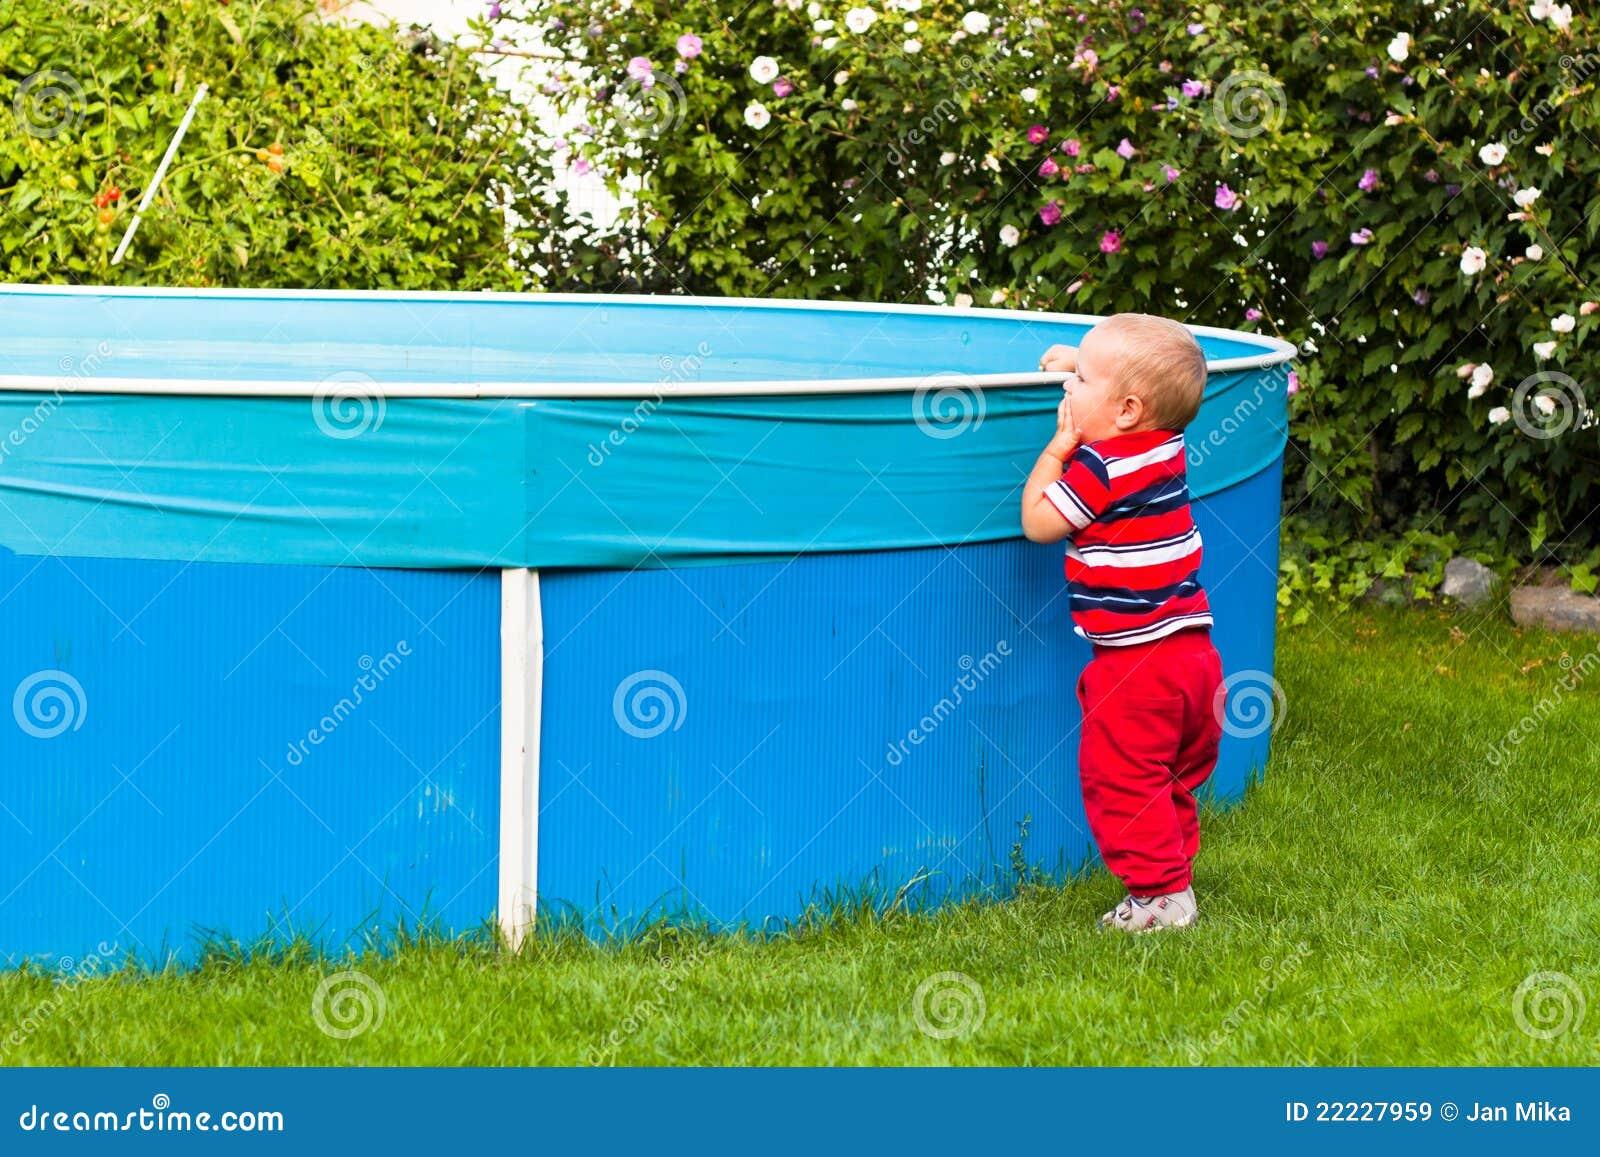 Toddler Boy Exploring Garden Swimming Pool Royalty Free Stock Images Image 22227959